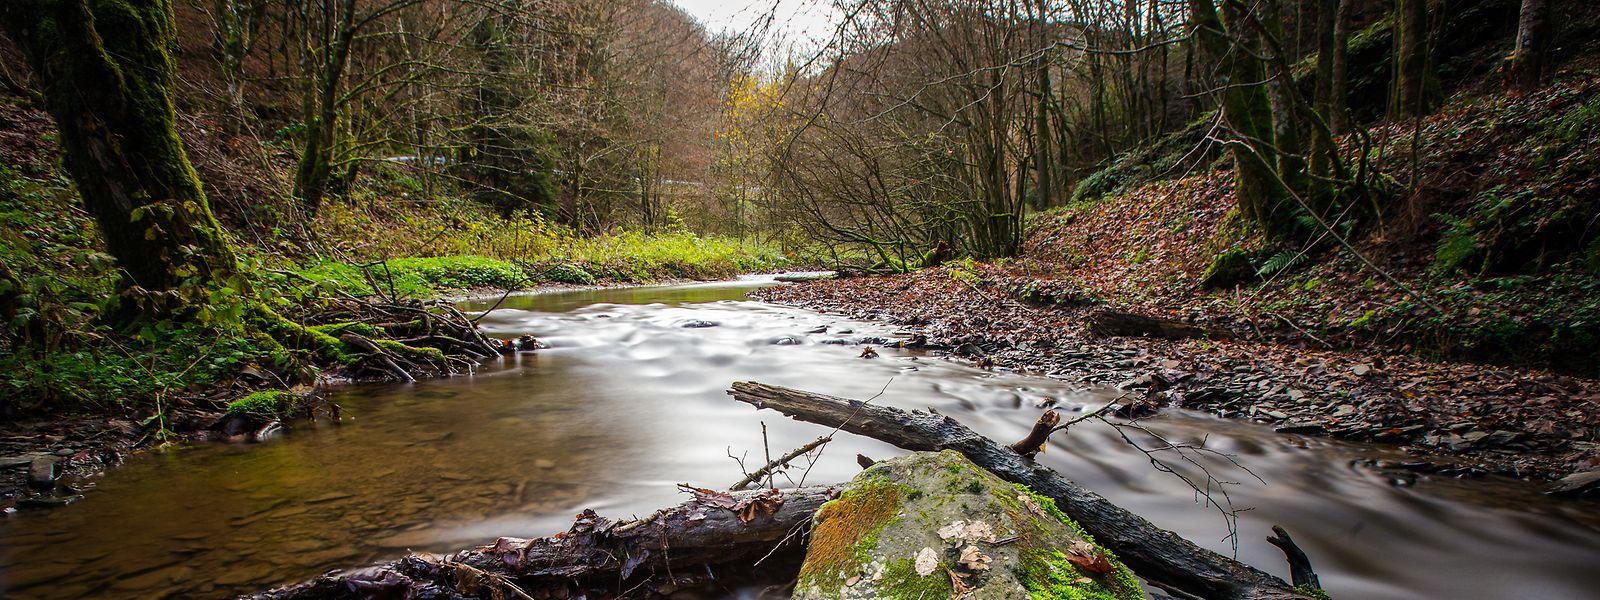 Les cours d'eau du pays sont soumis à des contrôles réguliers pour mieux lutter contre leur pollution.